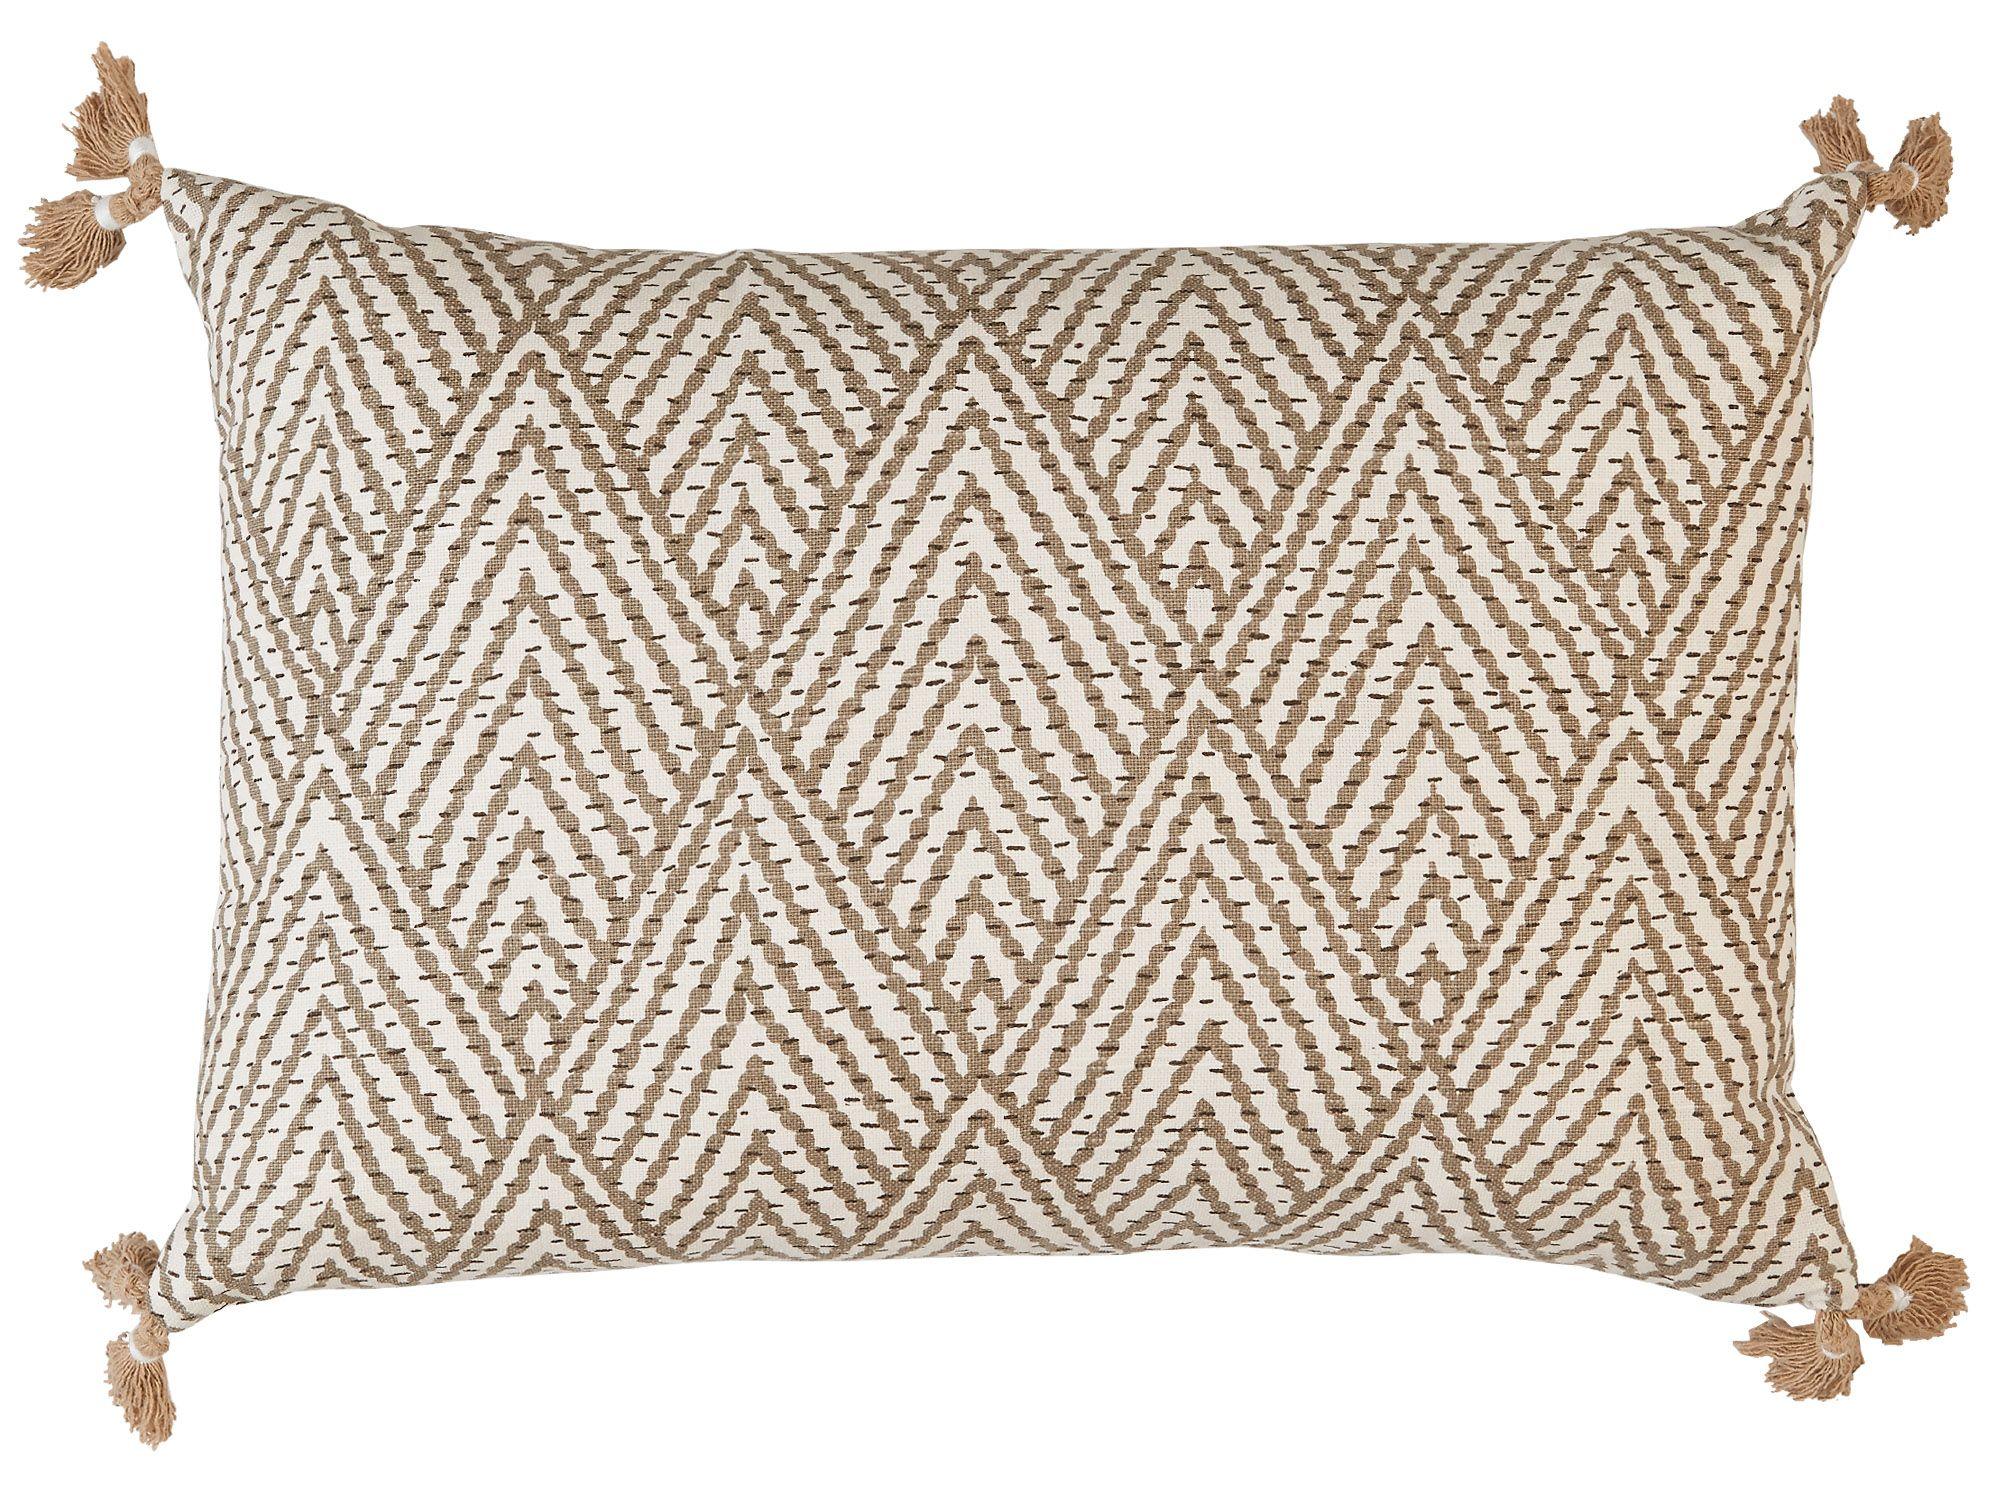 Tan/White Corner Tassel Chevron Pillow, Decorative throw pillow, accent  pillow, sofa